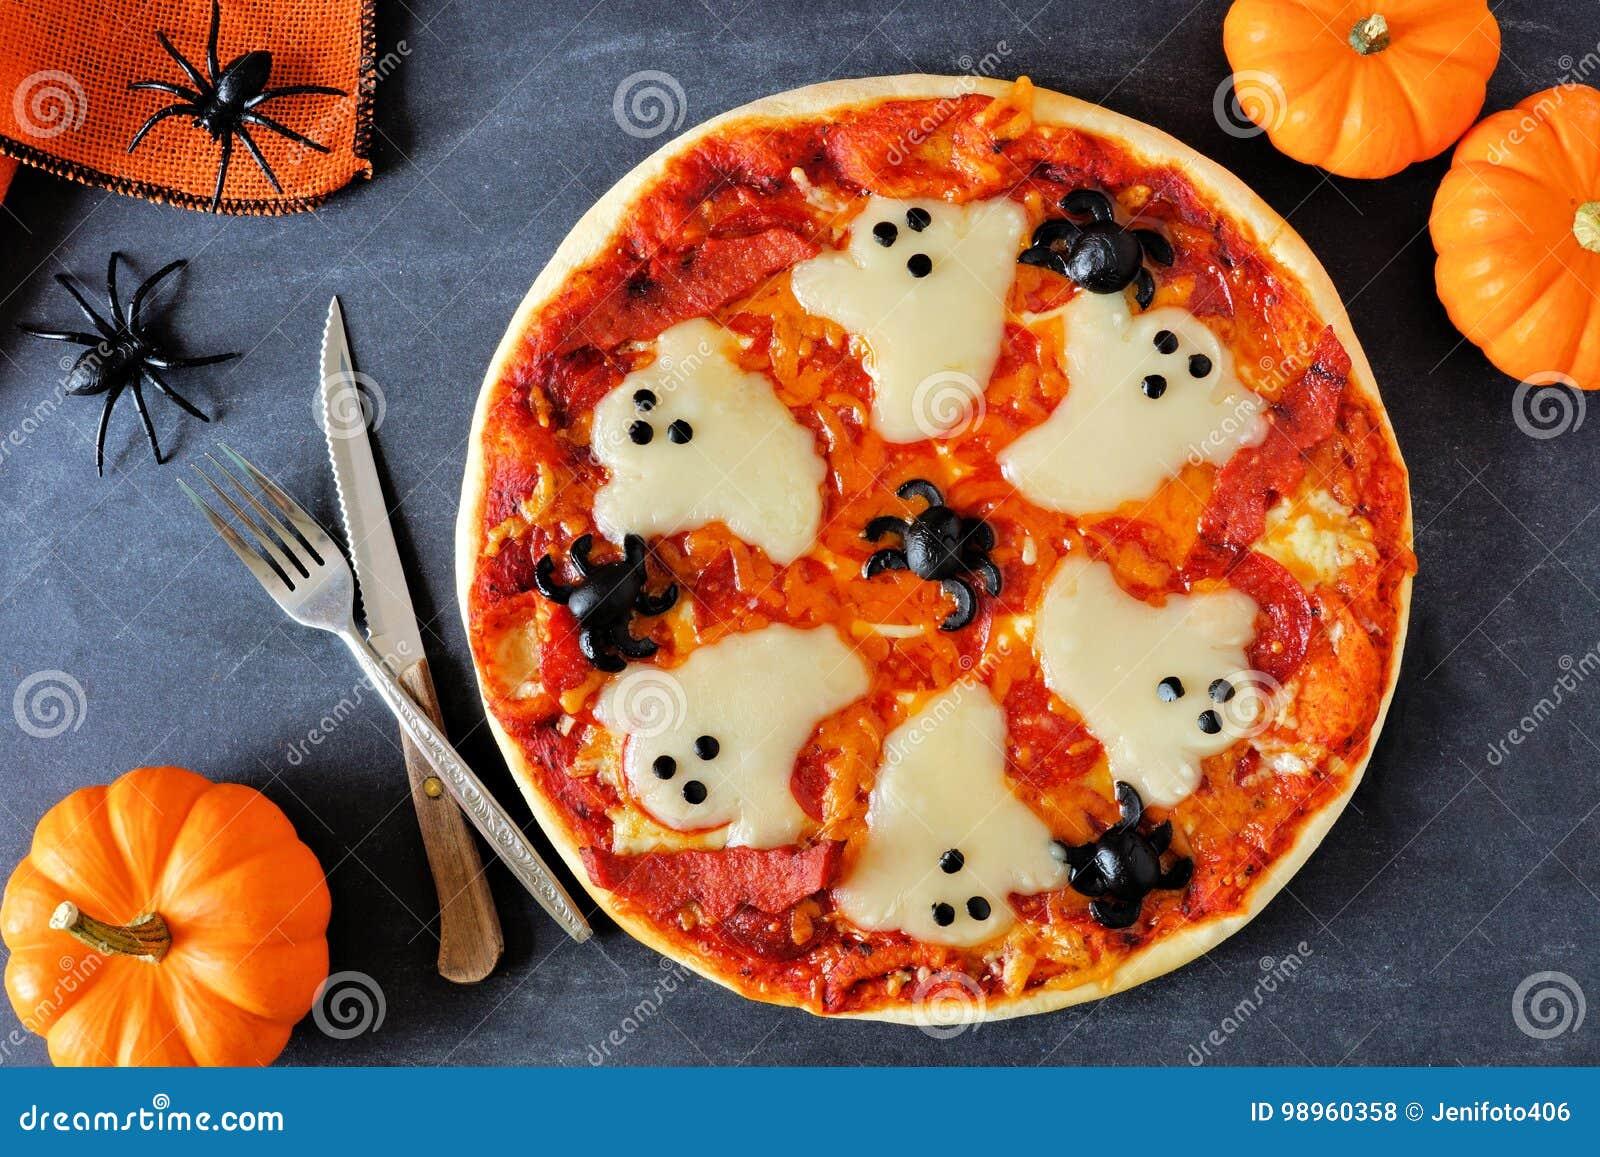 Halloween-Pizza, über Szene mit Dekor auf schwarzem Hintergrund